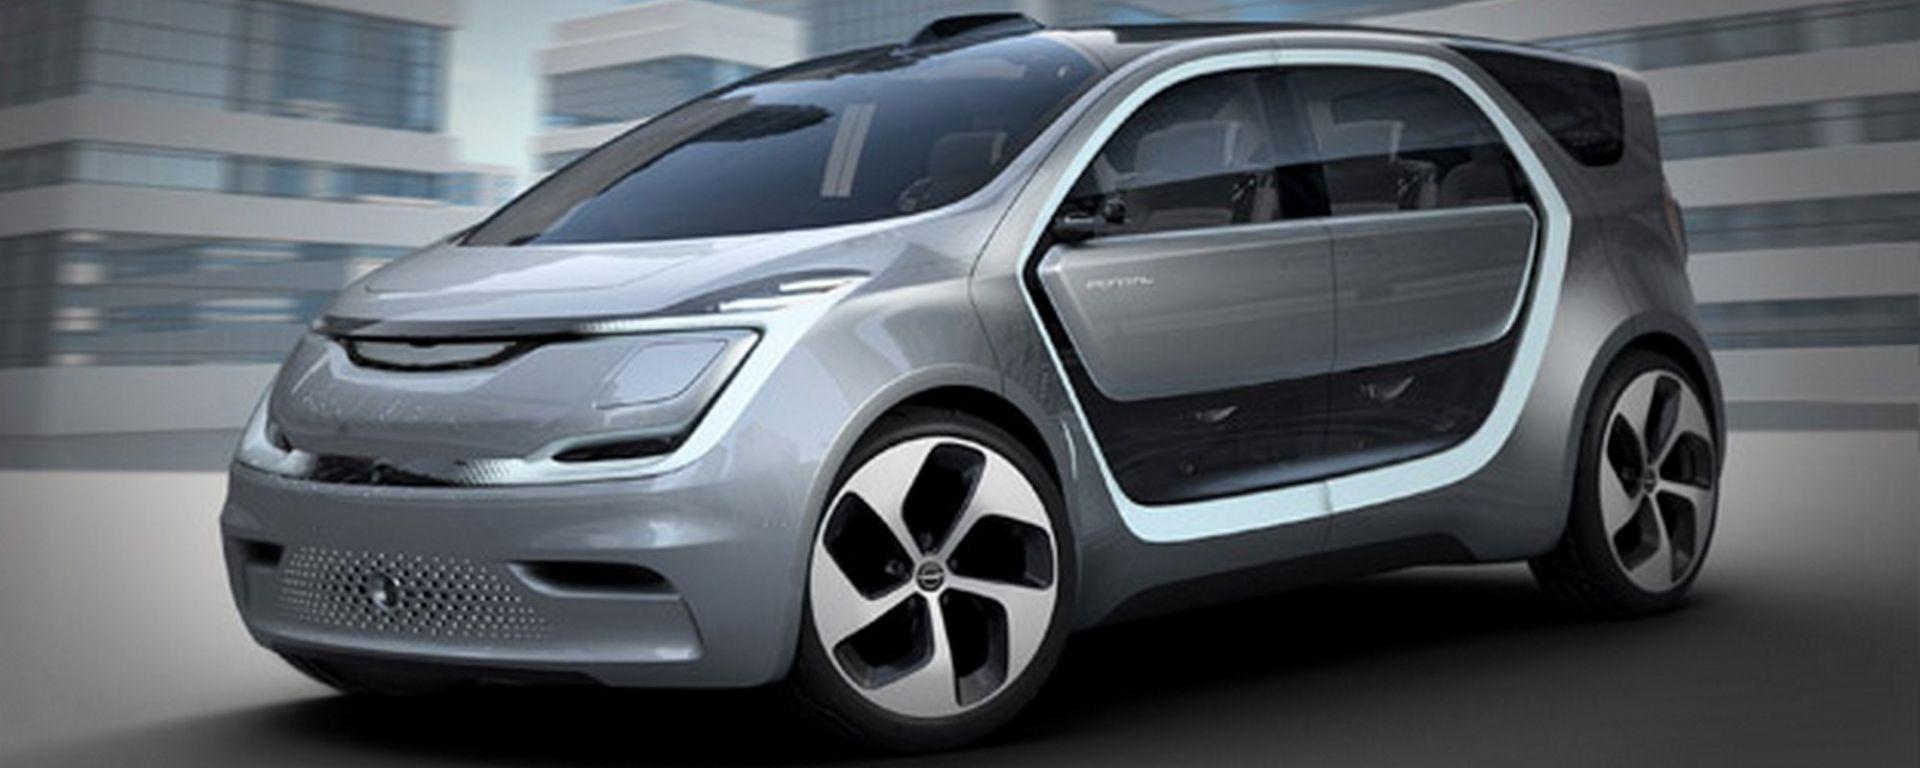 FCA, BMW, Intel e Mobileye assieme per la guida autonoma